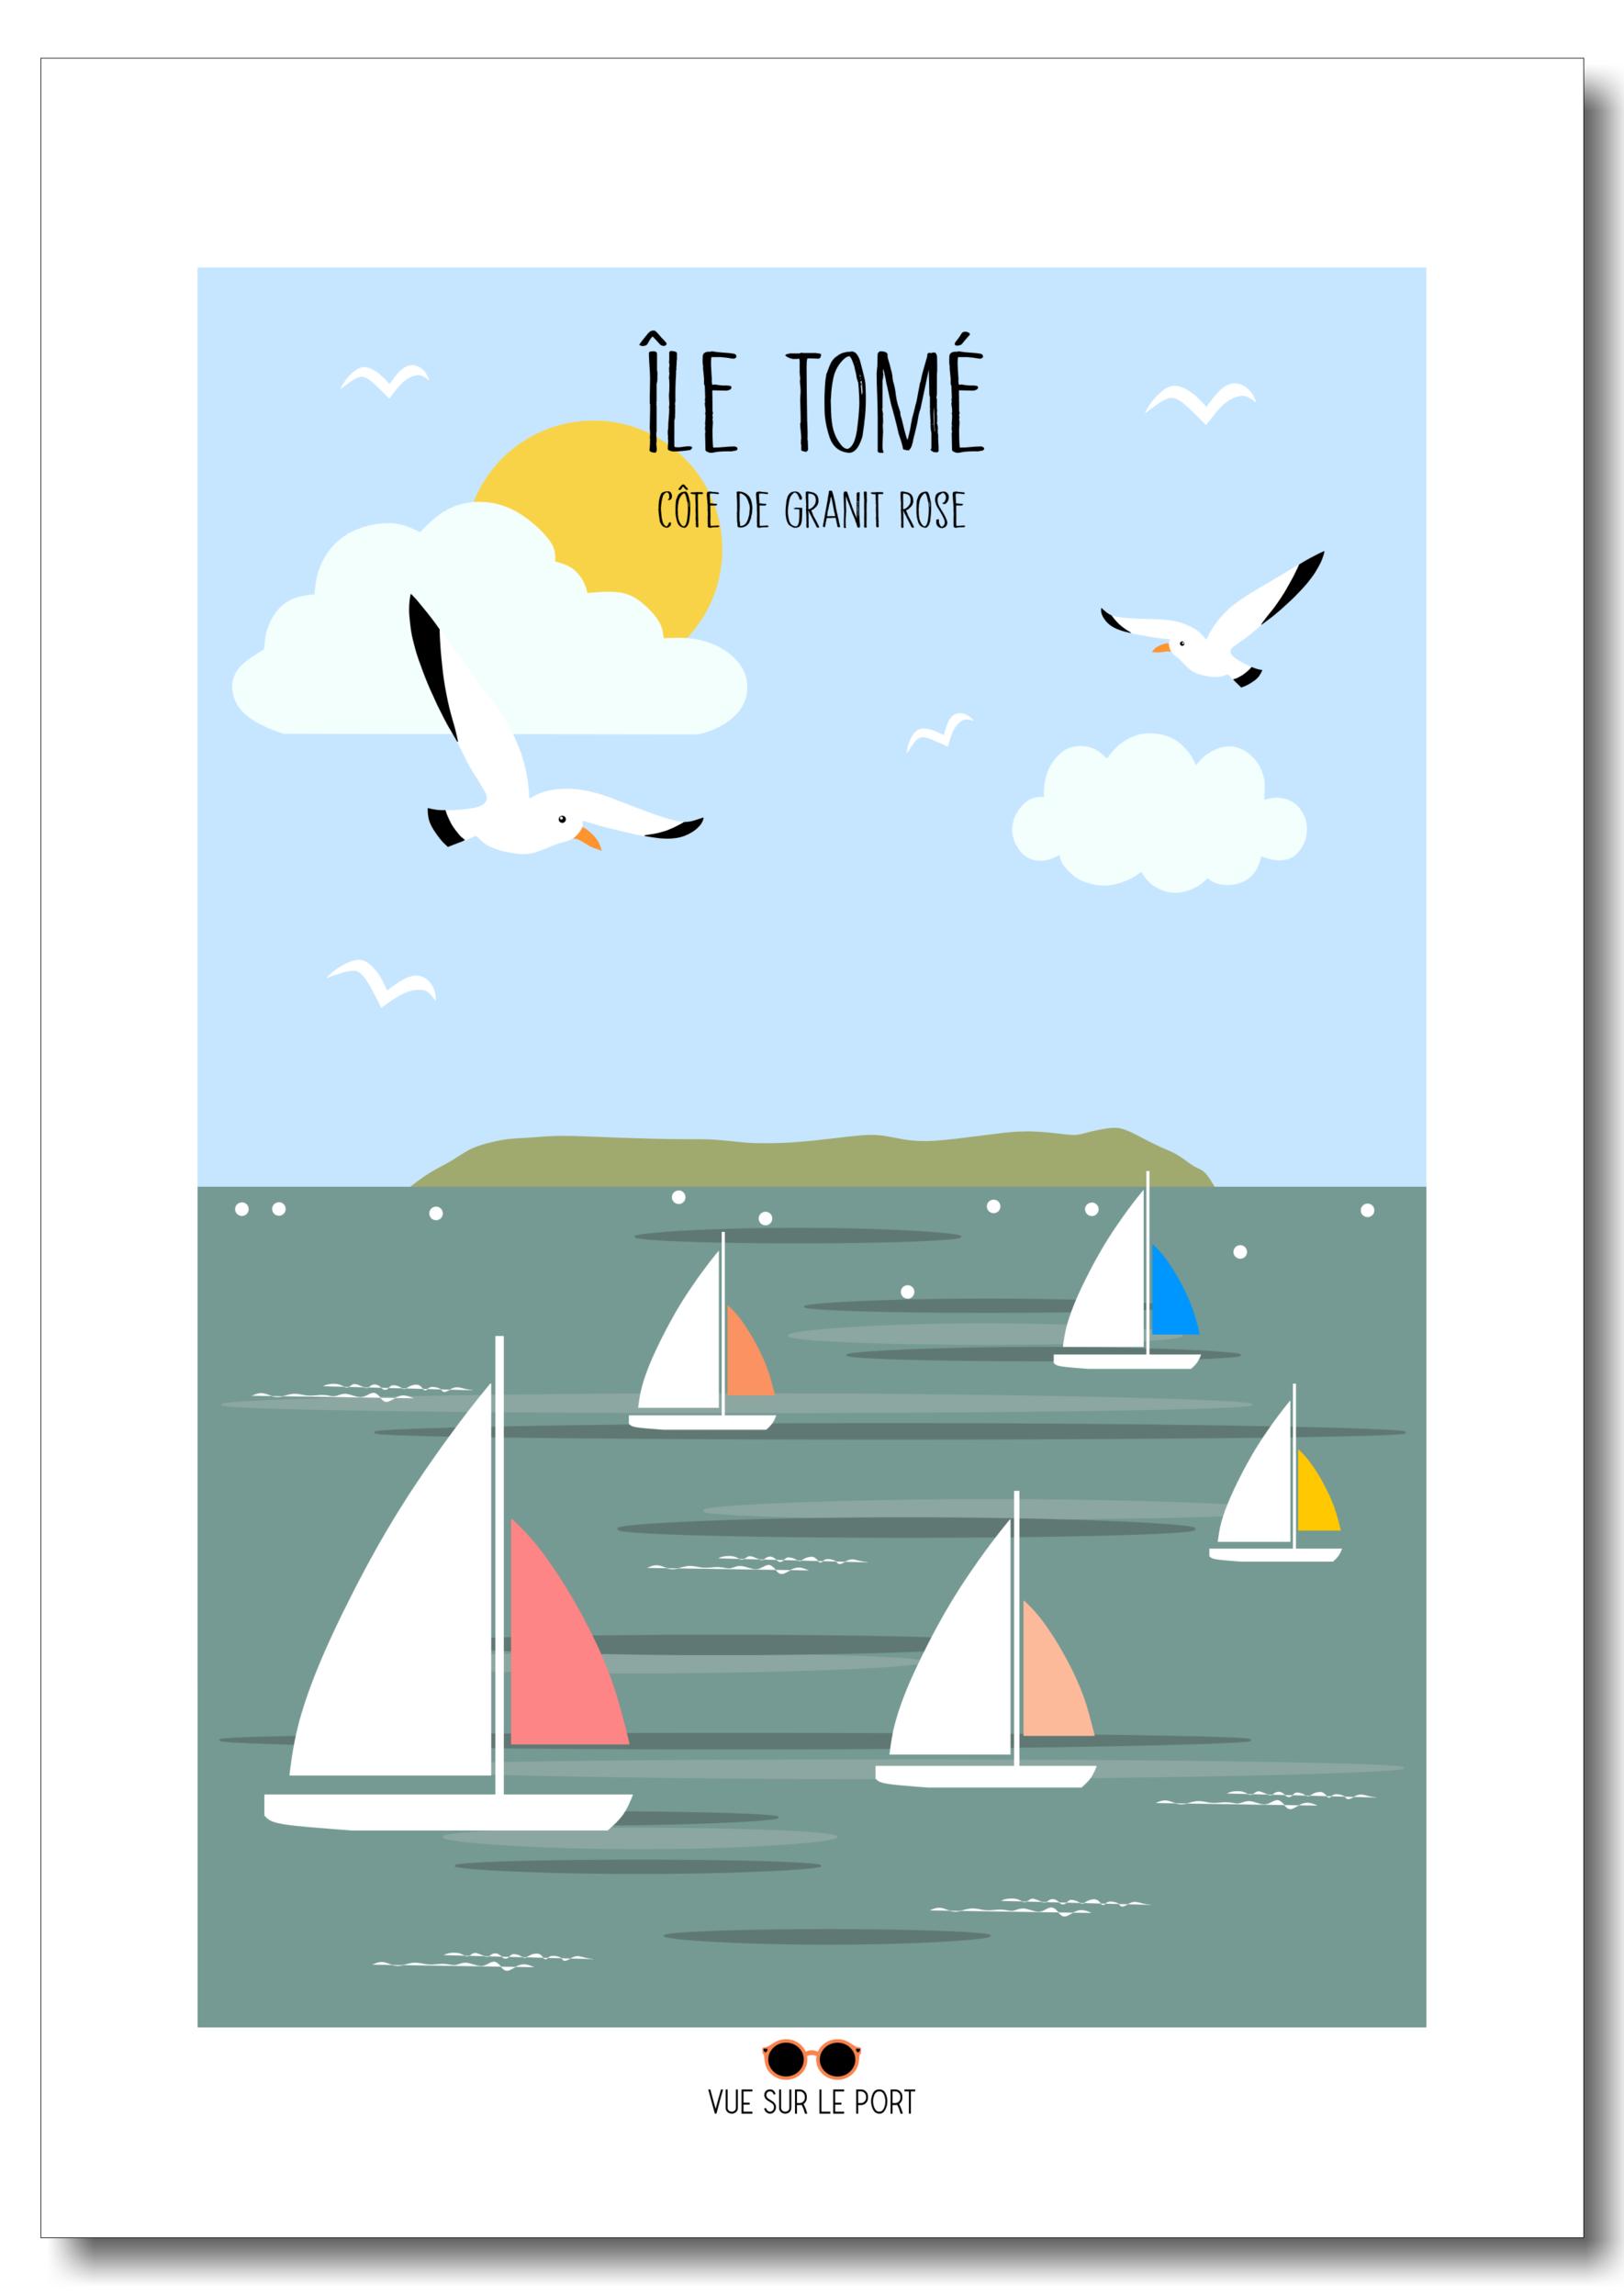 Affiche île Tomé - Côte de granit rose